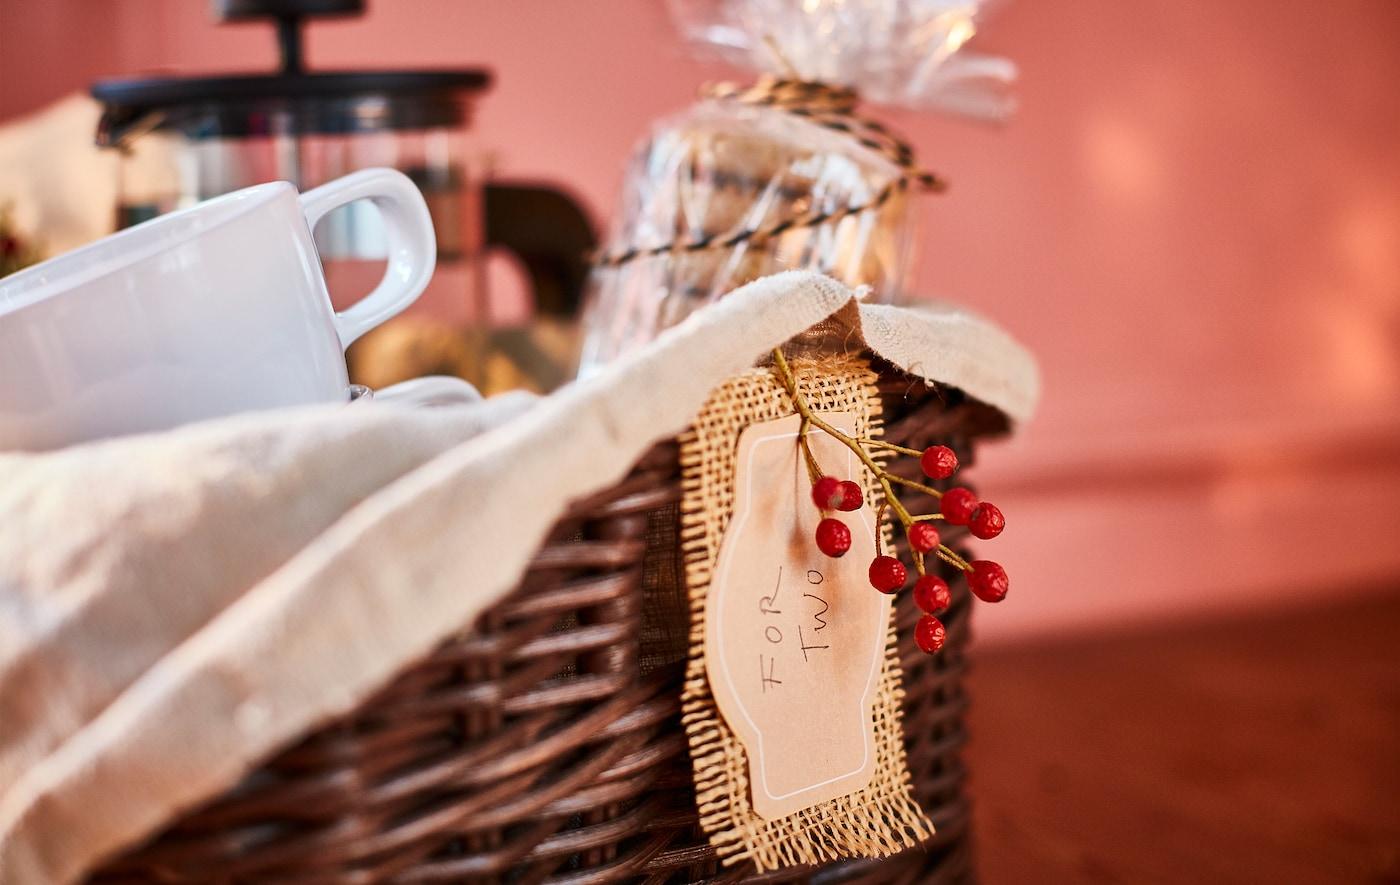 Un panier-cadeau rempli de biscuits emballés, de tasses, d'une cafetière et de décorations.